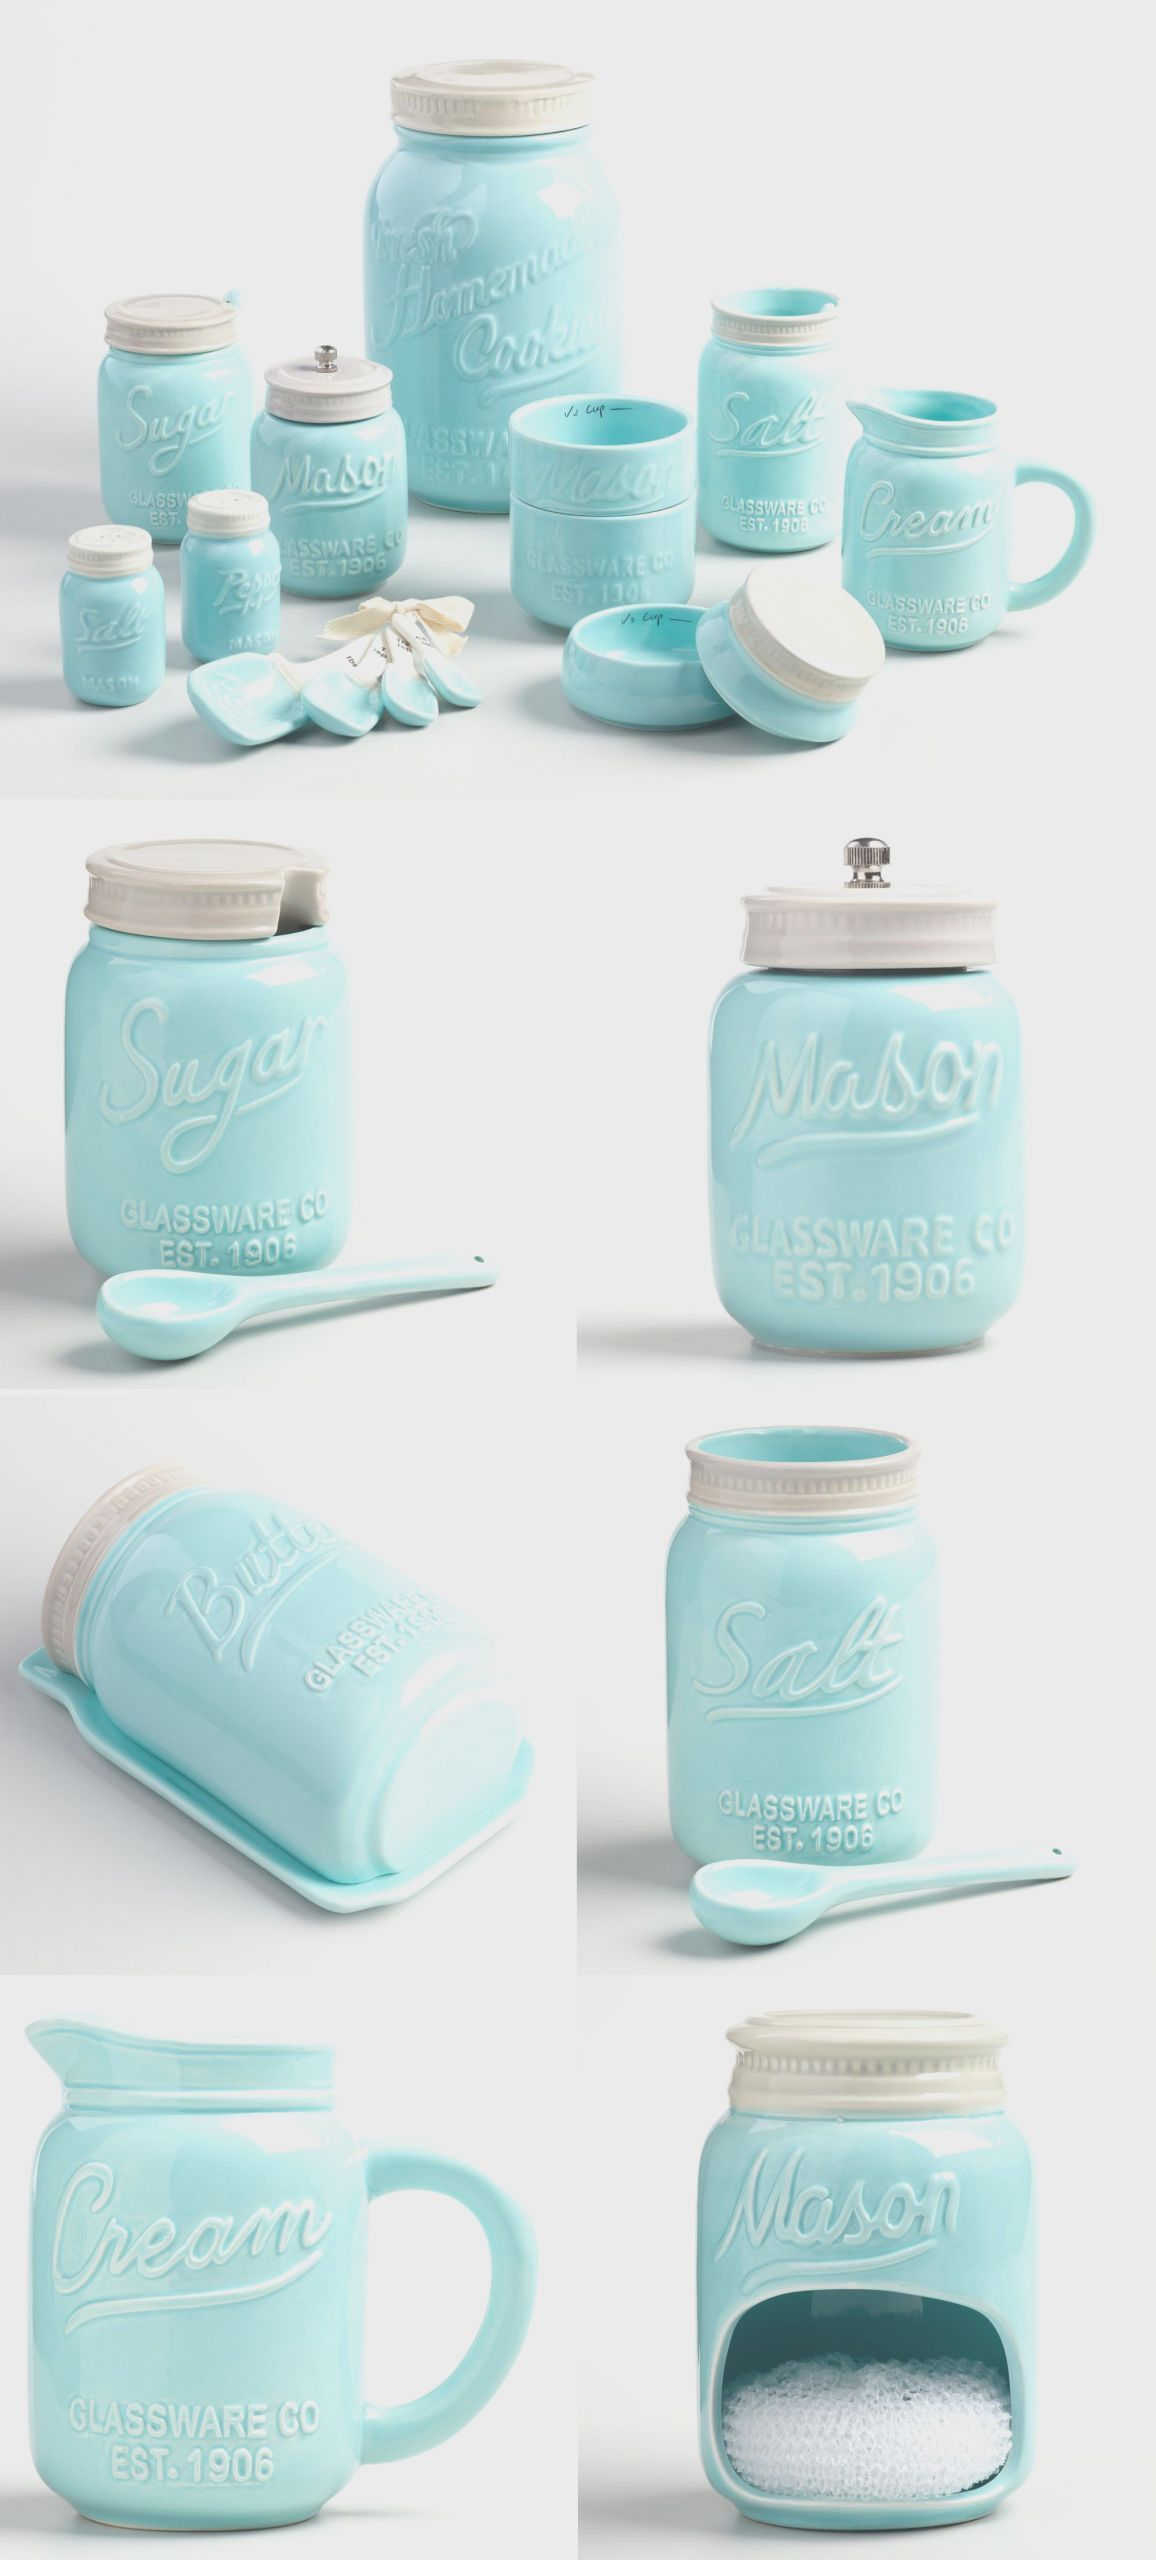 10 Luxury Ideas Kitchen Decor With Mason Jars Kitchen Decor Glass Jars Kitchen Jars Decor Mason Jar Kitchen Decor